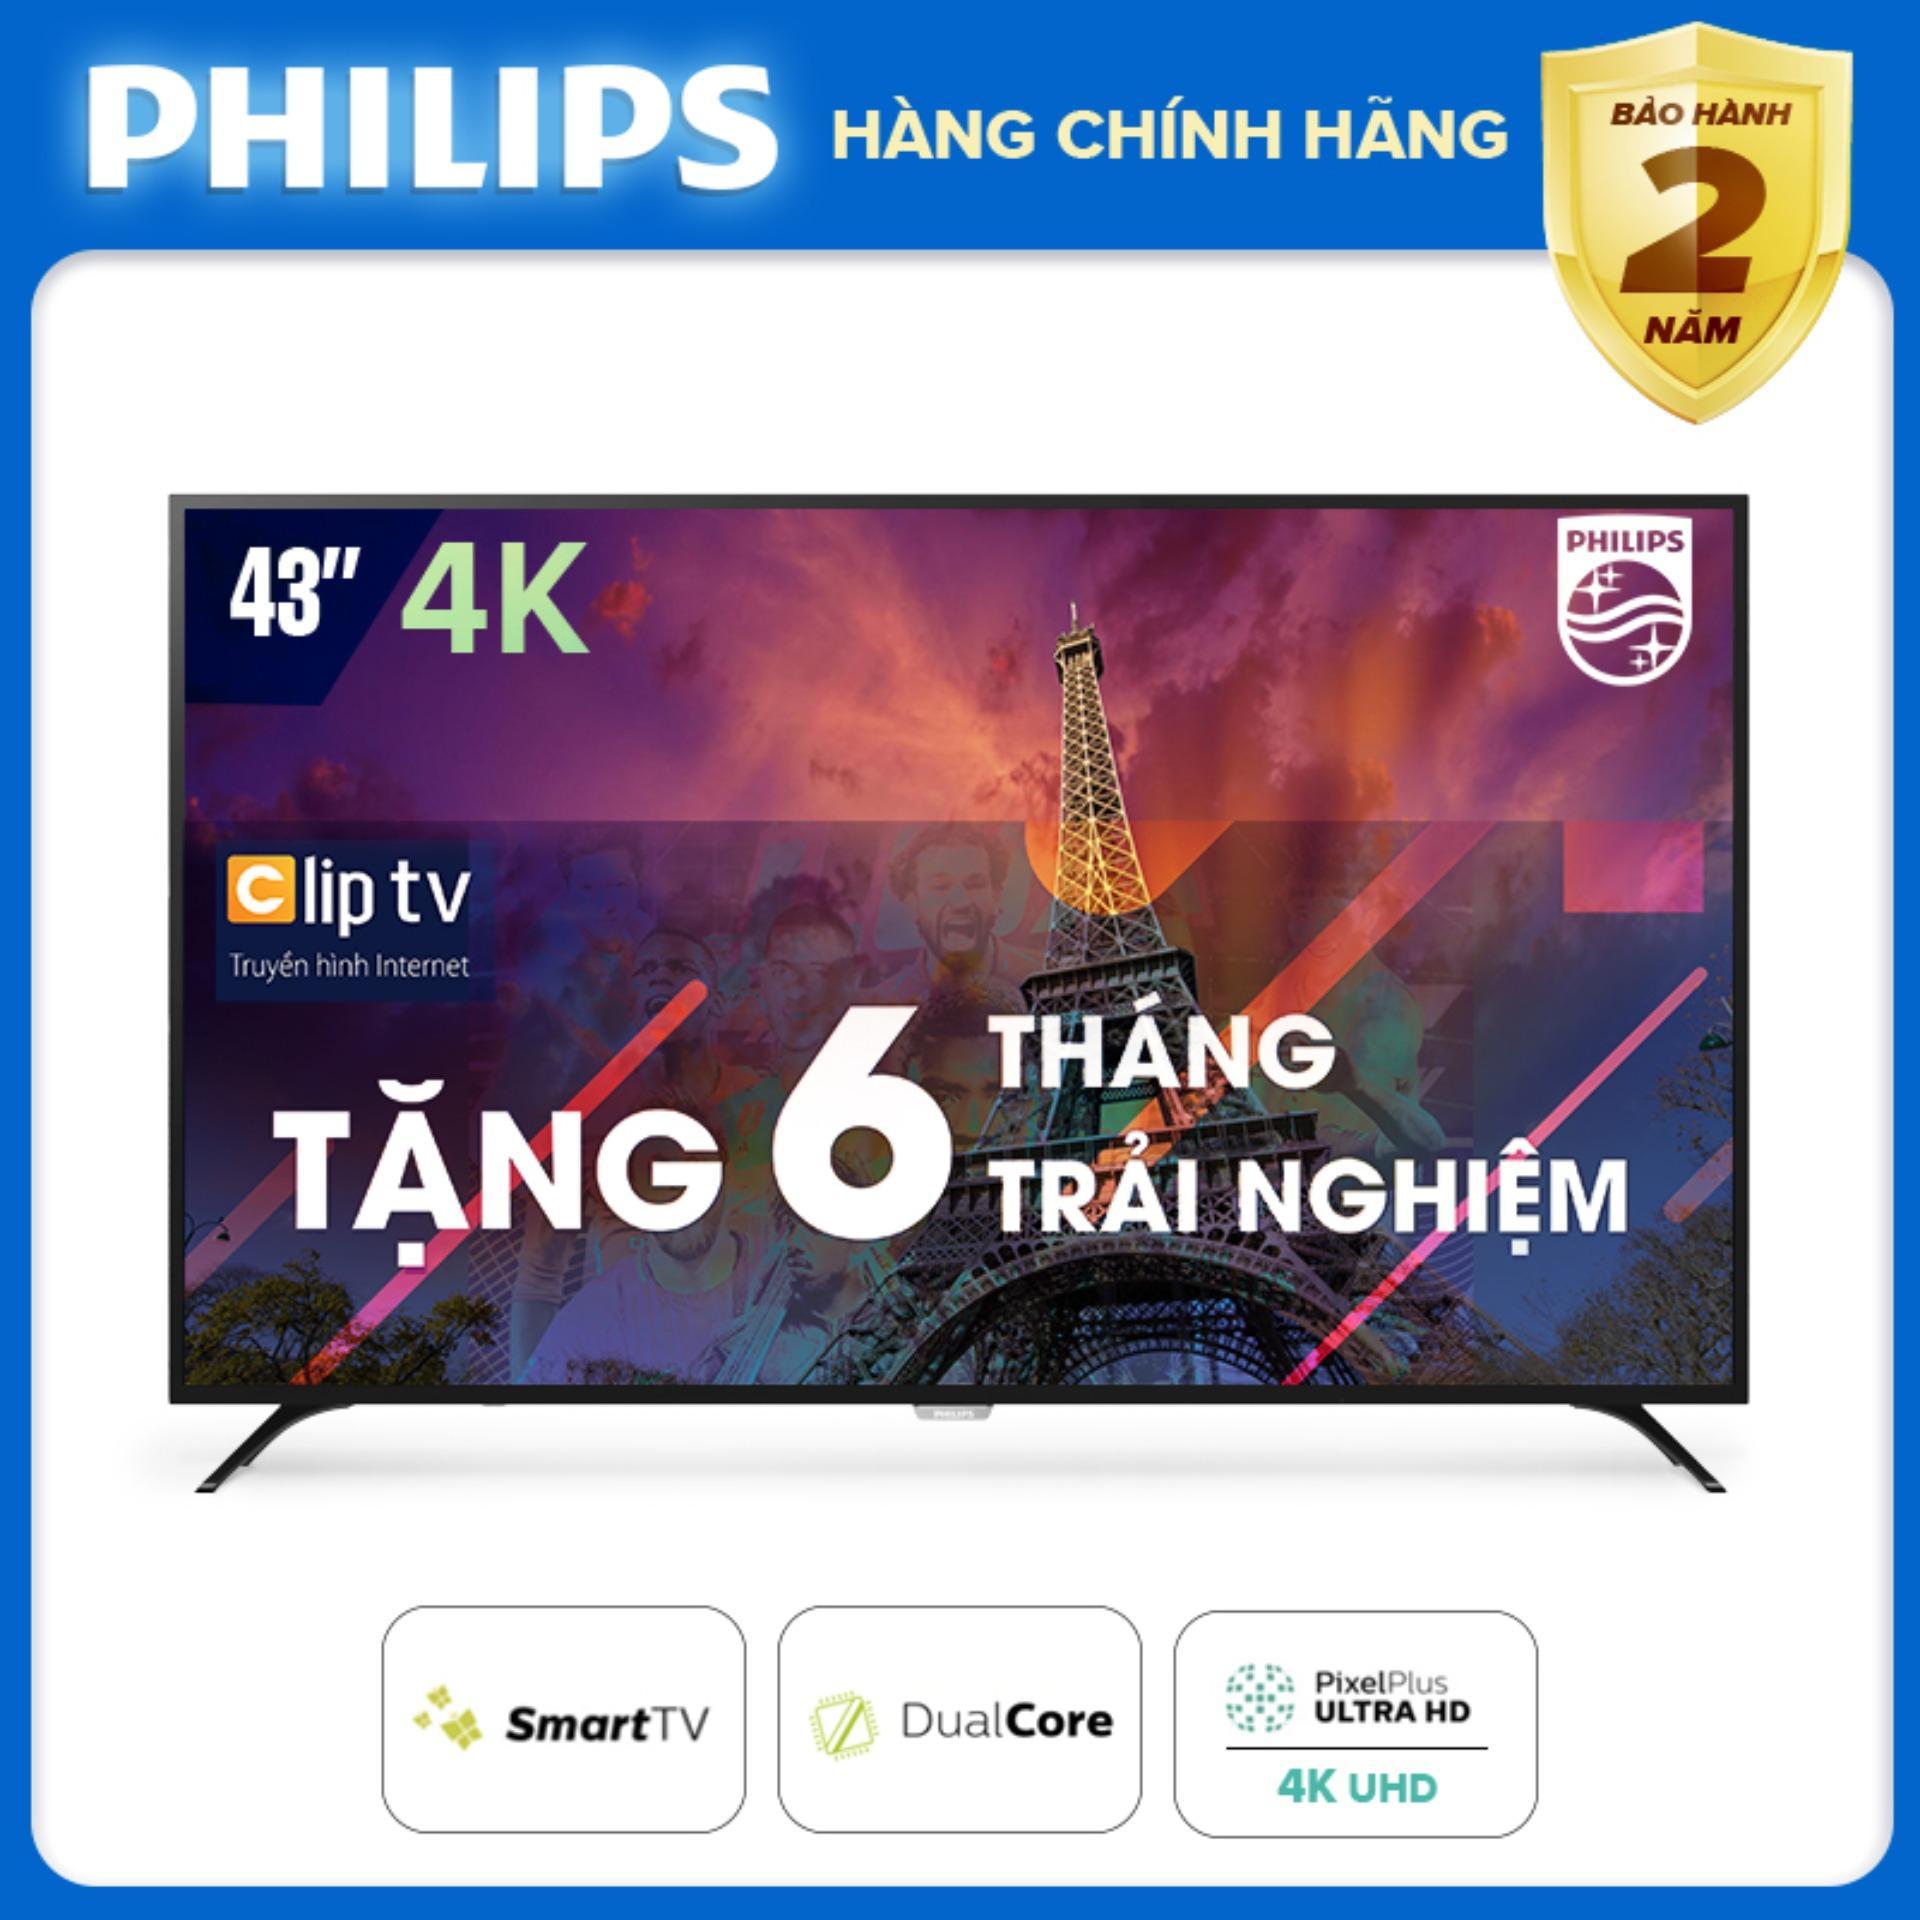 Bảng giá SMART TIVI PHILIPS 4K UHD 43 INCH KẾT NỐI INTERNET WIFI - hàng Thái Lan - Free 6 tháng xem phim Clip TV - Bảo hành 2 năm tại nhà - 43PUT6023S/74 Tivi Philips